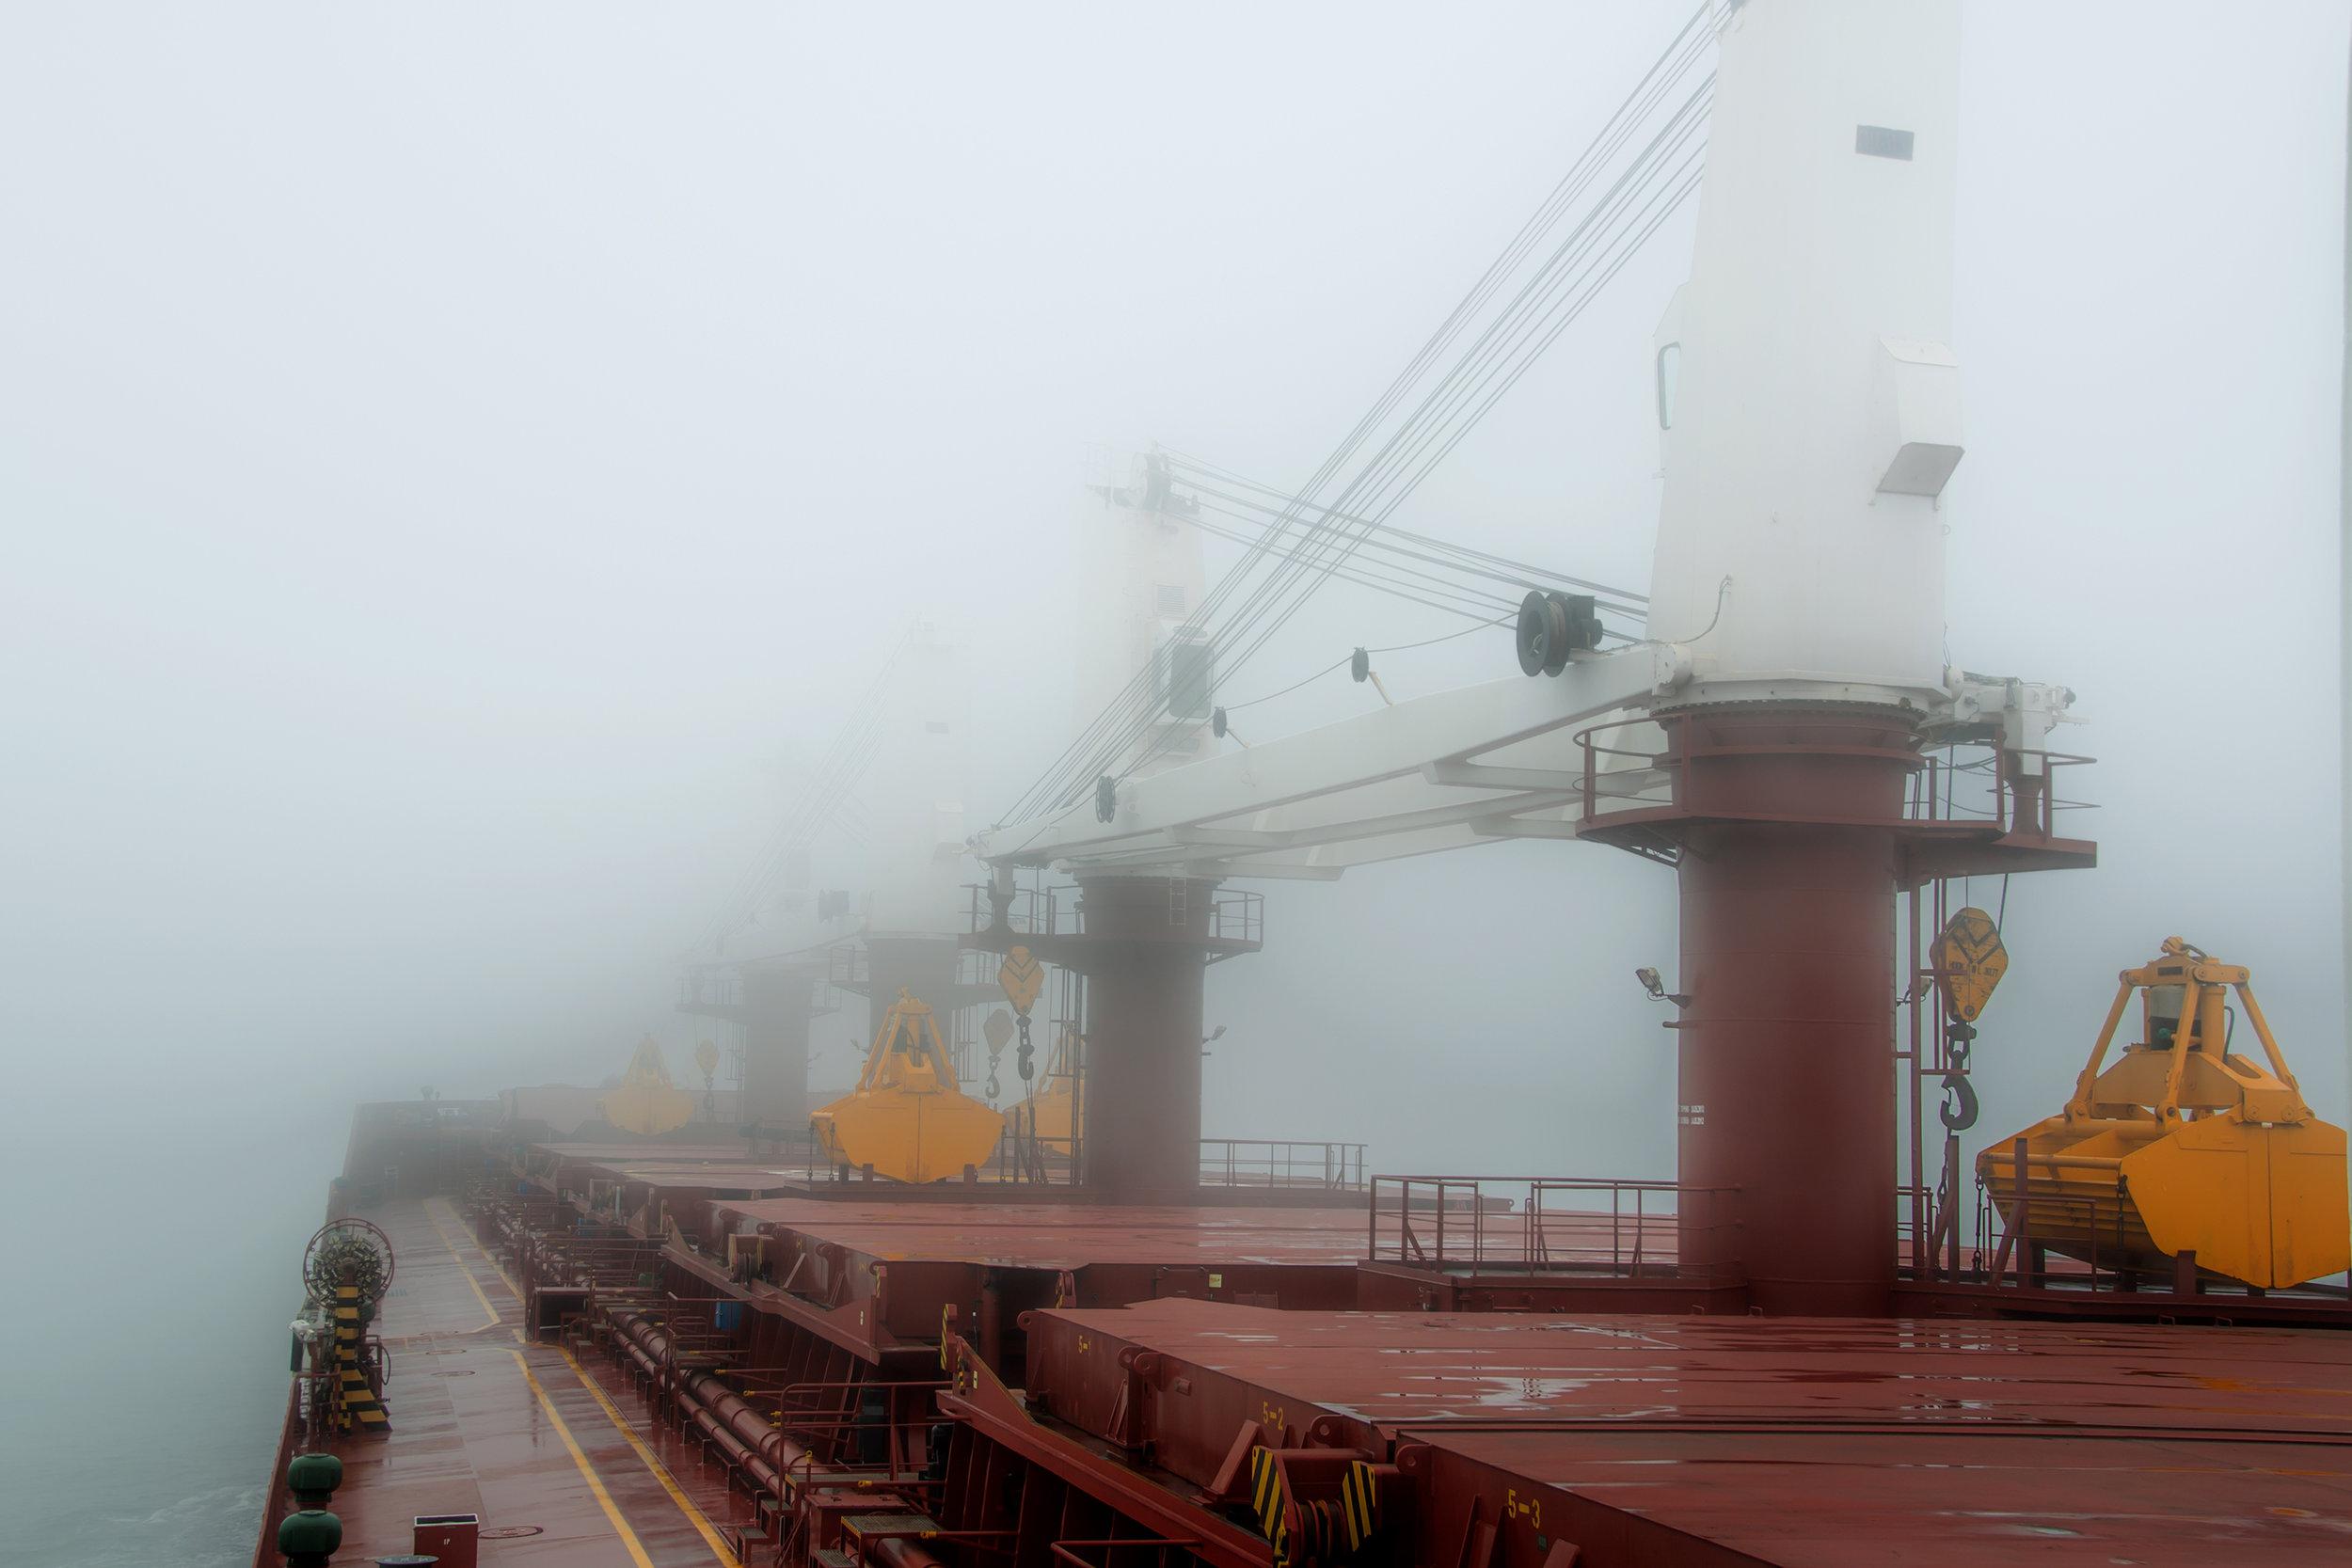 dreamstime_xxl_63434445 Bulk Carrier Fog.jpg